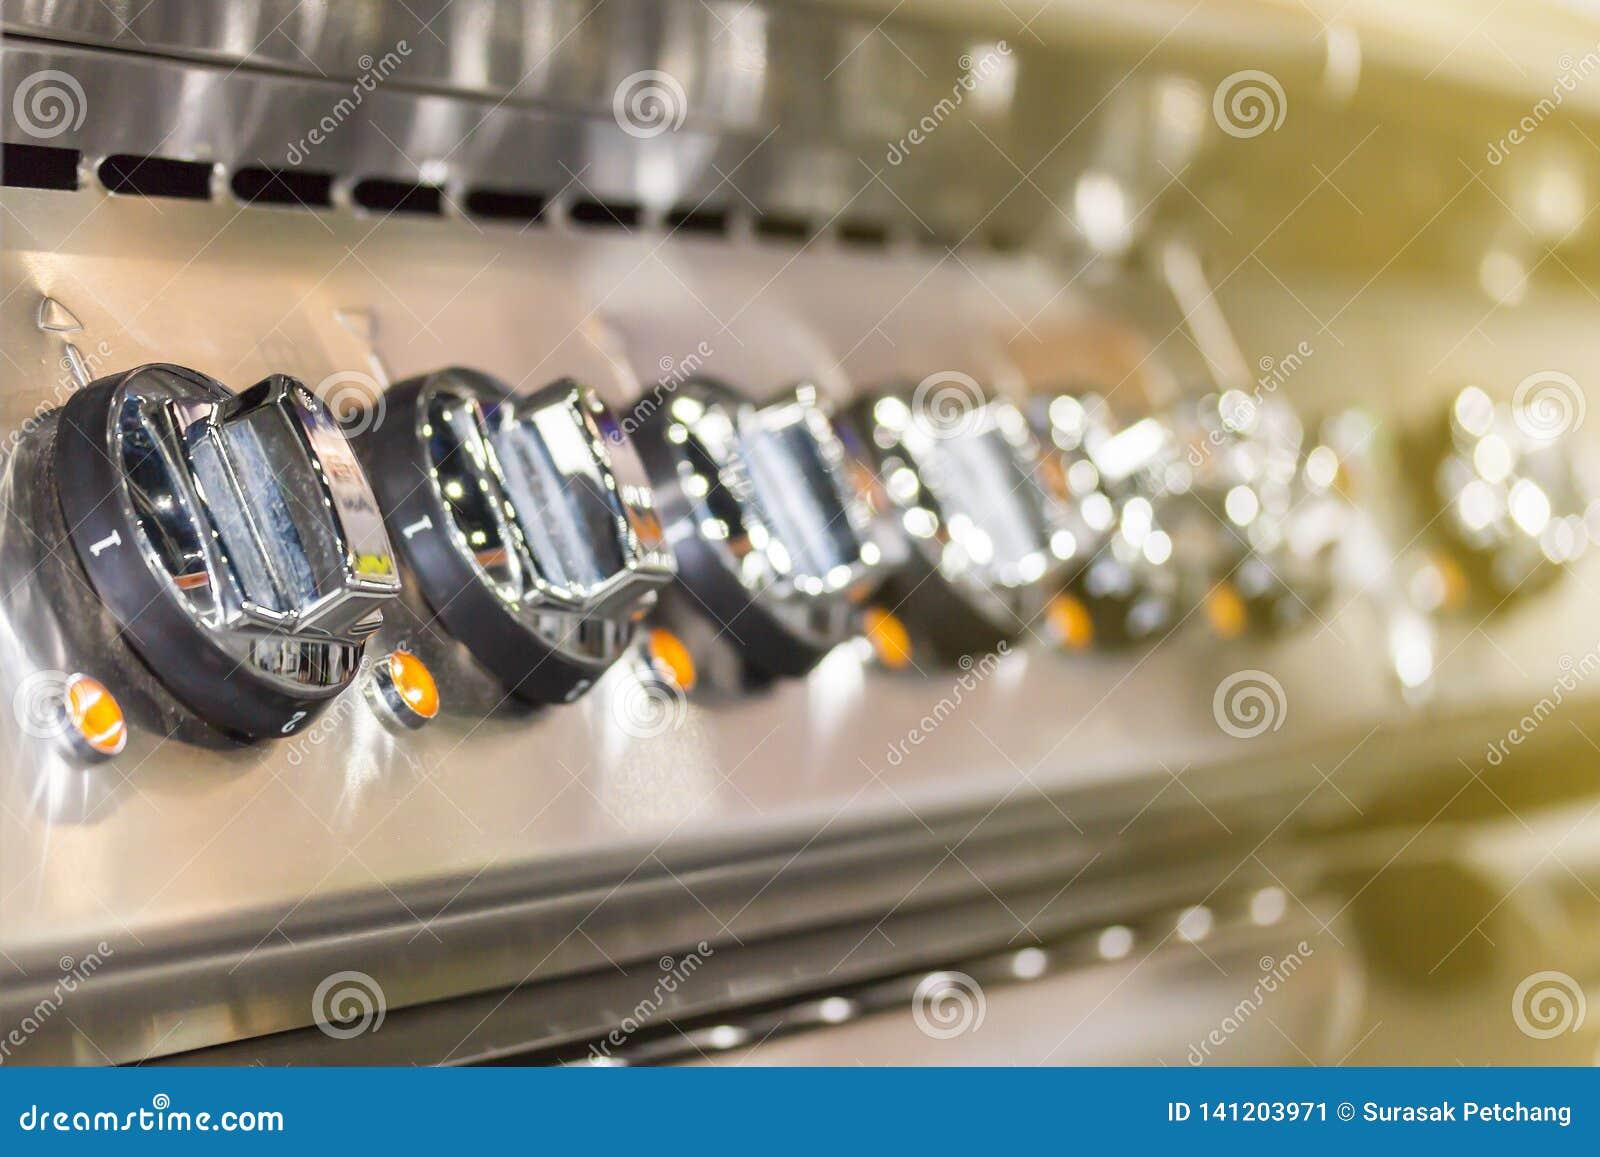 控制板现代归纳电火炉为在或调整温度接近的瘤拨号盘